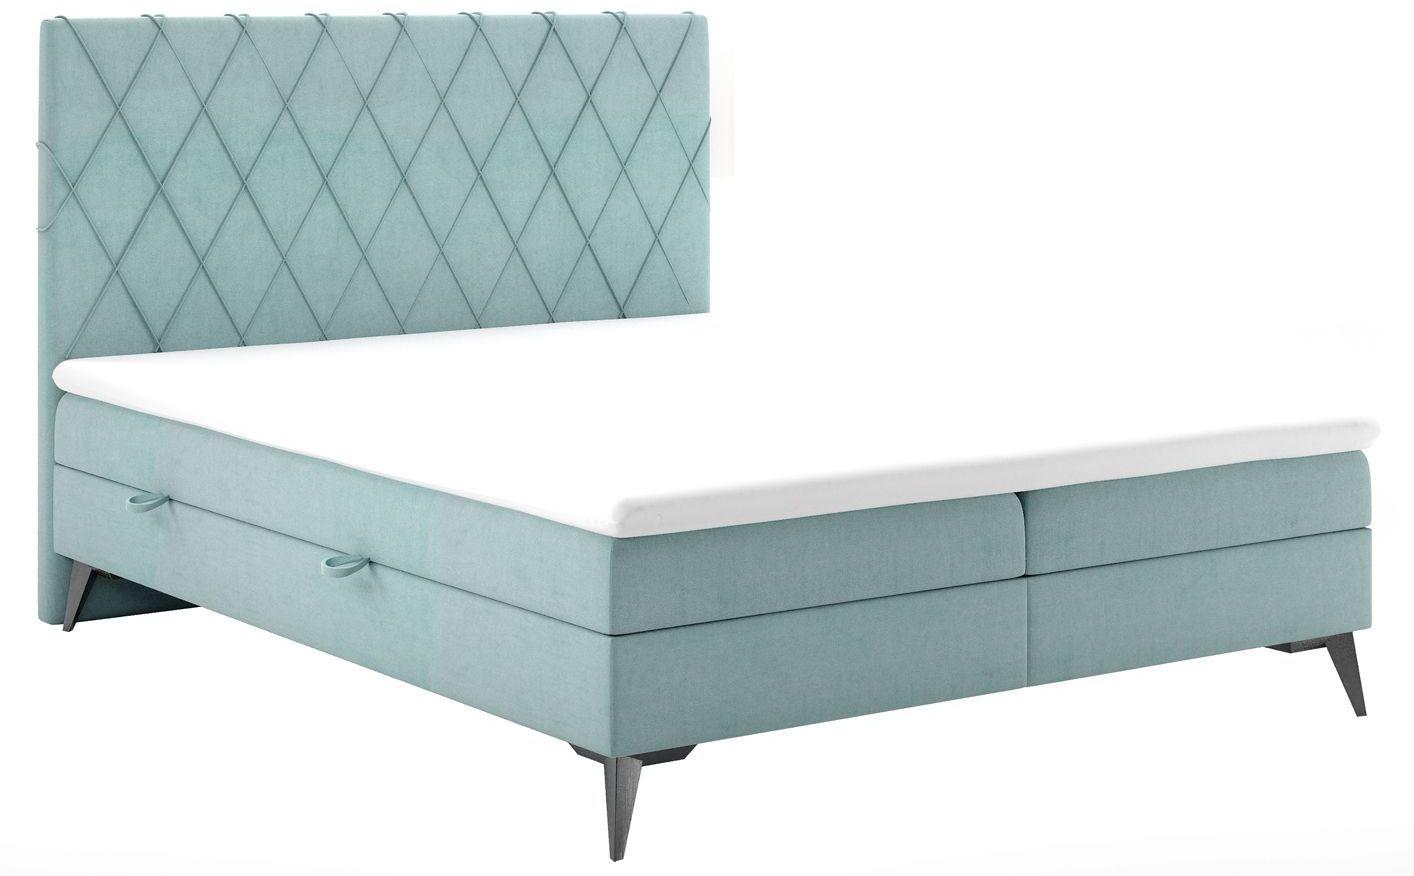 Małżeńskie łóżko kontynentale Tiago 180x200 - 58 kolorów